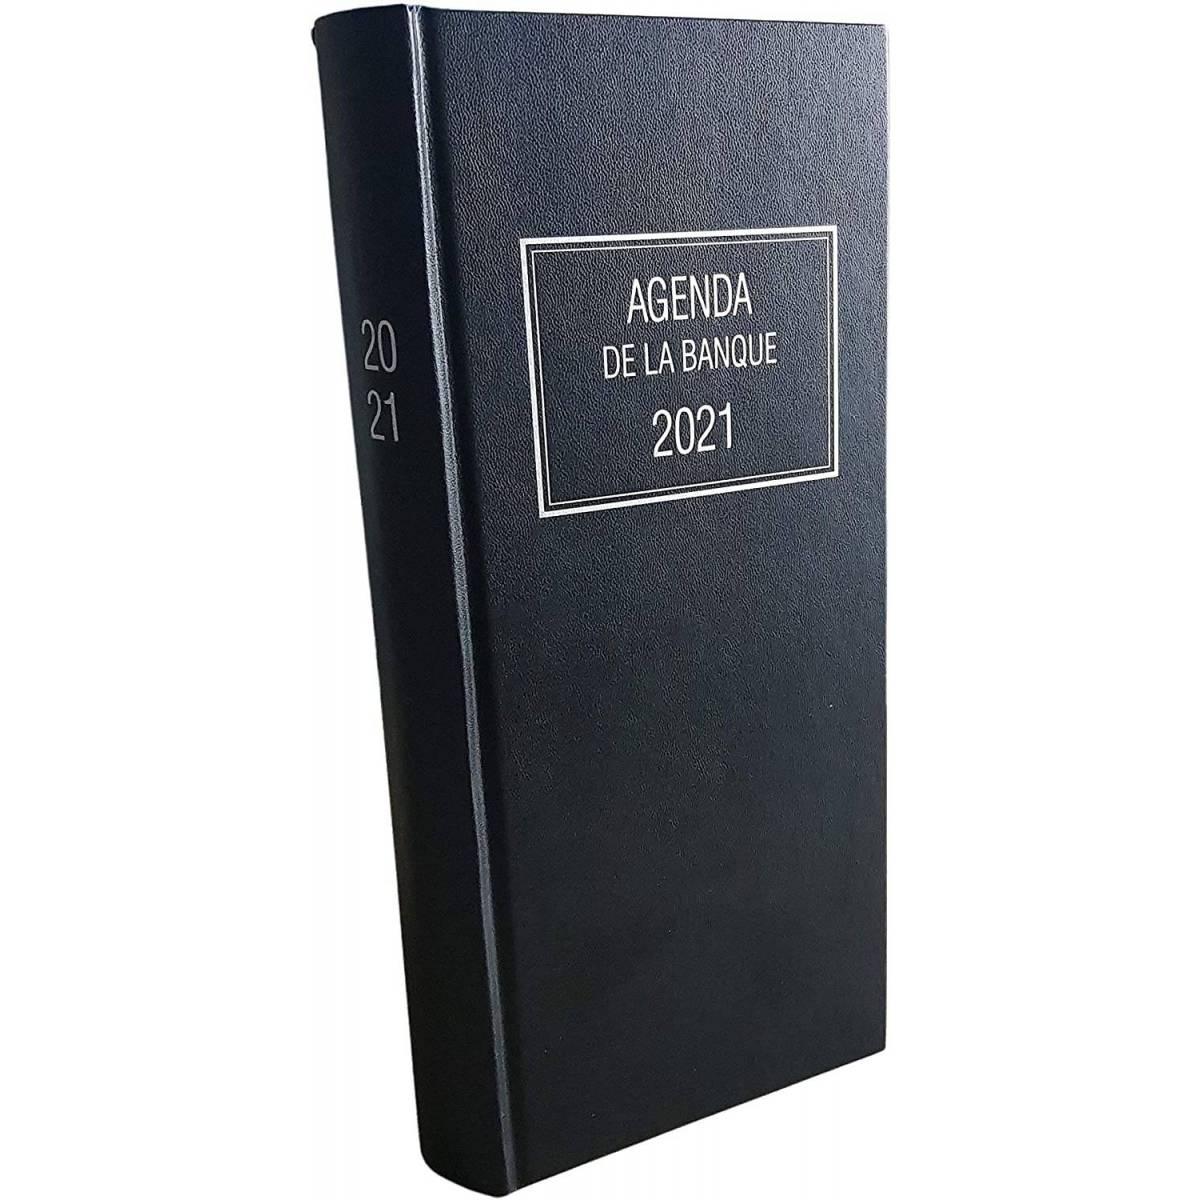 Oberthur - Agenda Journalier de la Banque PRADO - 2018 - 18x29cm - Couleur Noir